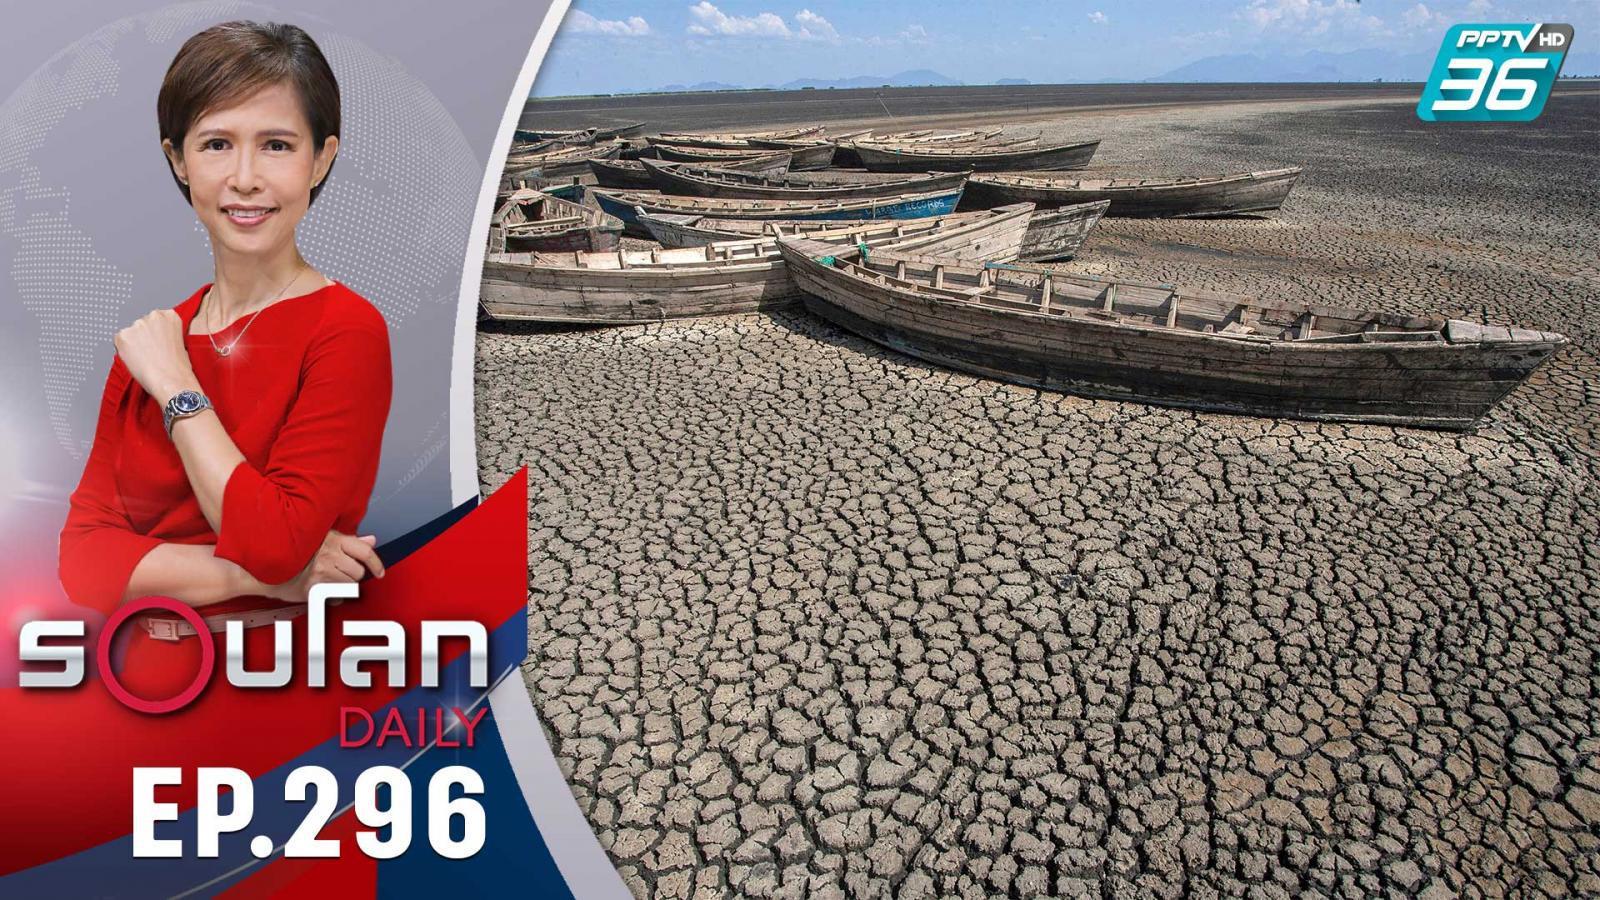 นักเคลื่อนไหวเรียกร้องให้นานาชาติตื่นตัวแก้ไขวิกฤตโลกร้อน   10 ส.ค. 64   รอบโลก DAILY